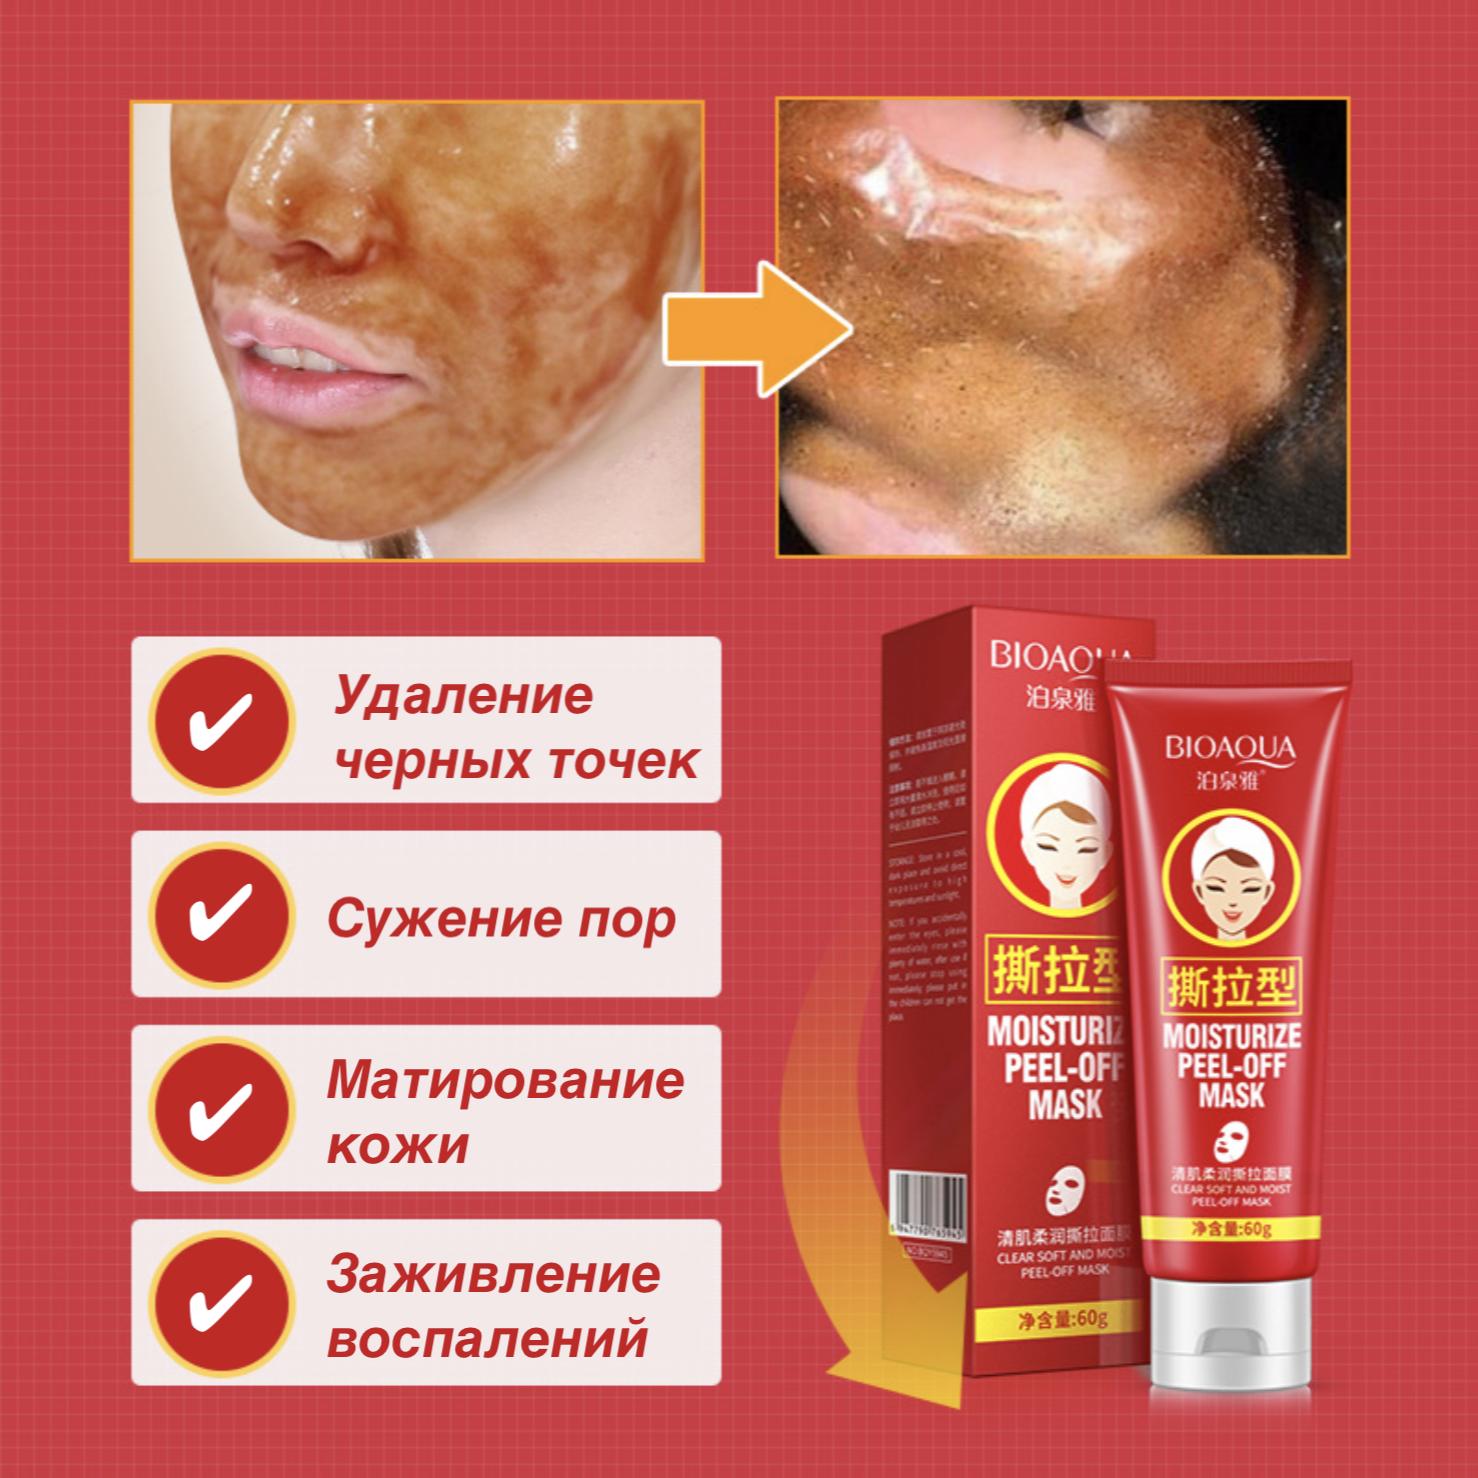 Маска-пленка для очищения кожи лица от черных точек, 60гр.